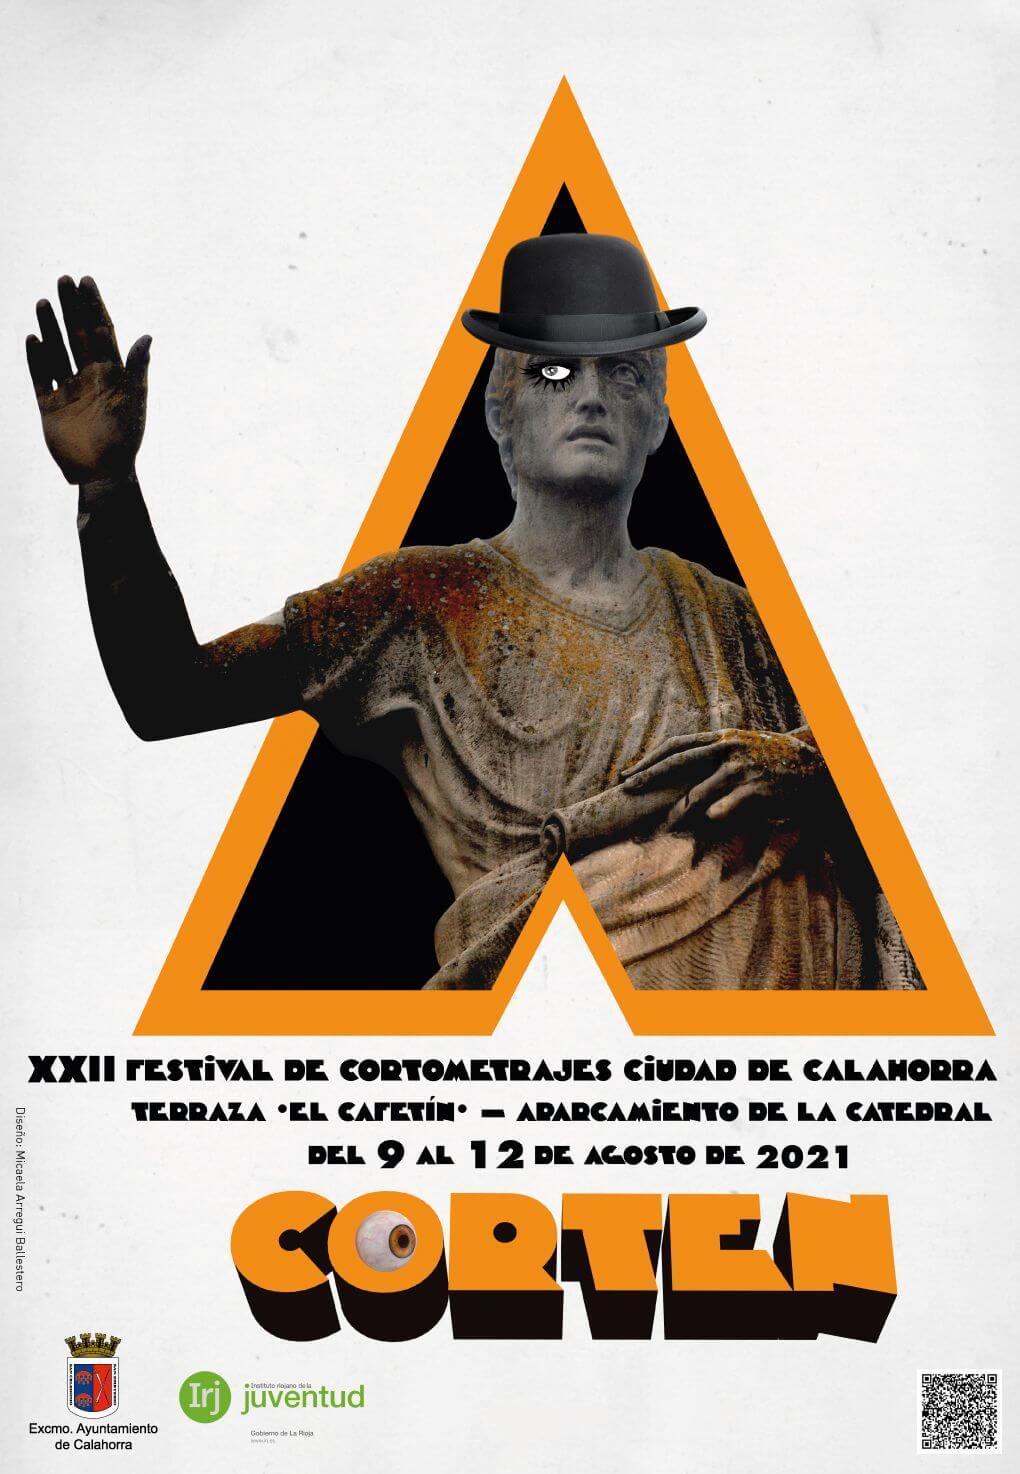 El festival ¡CORT…en! de Calahorra se celebrará del 9 al 12 de agosto en la 1ª Travesía de Paletillas y en el aparcamiento de la catedral